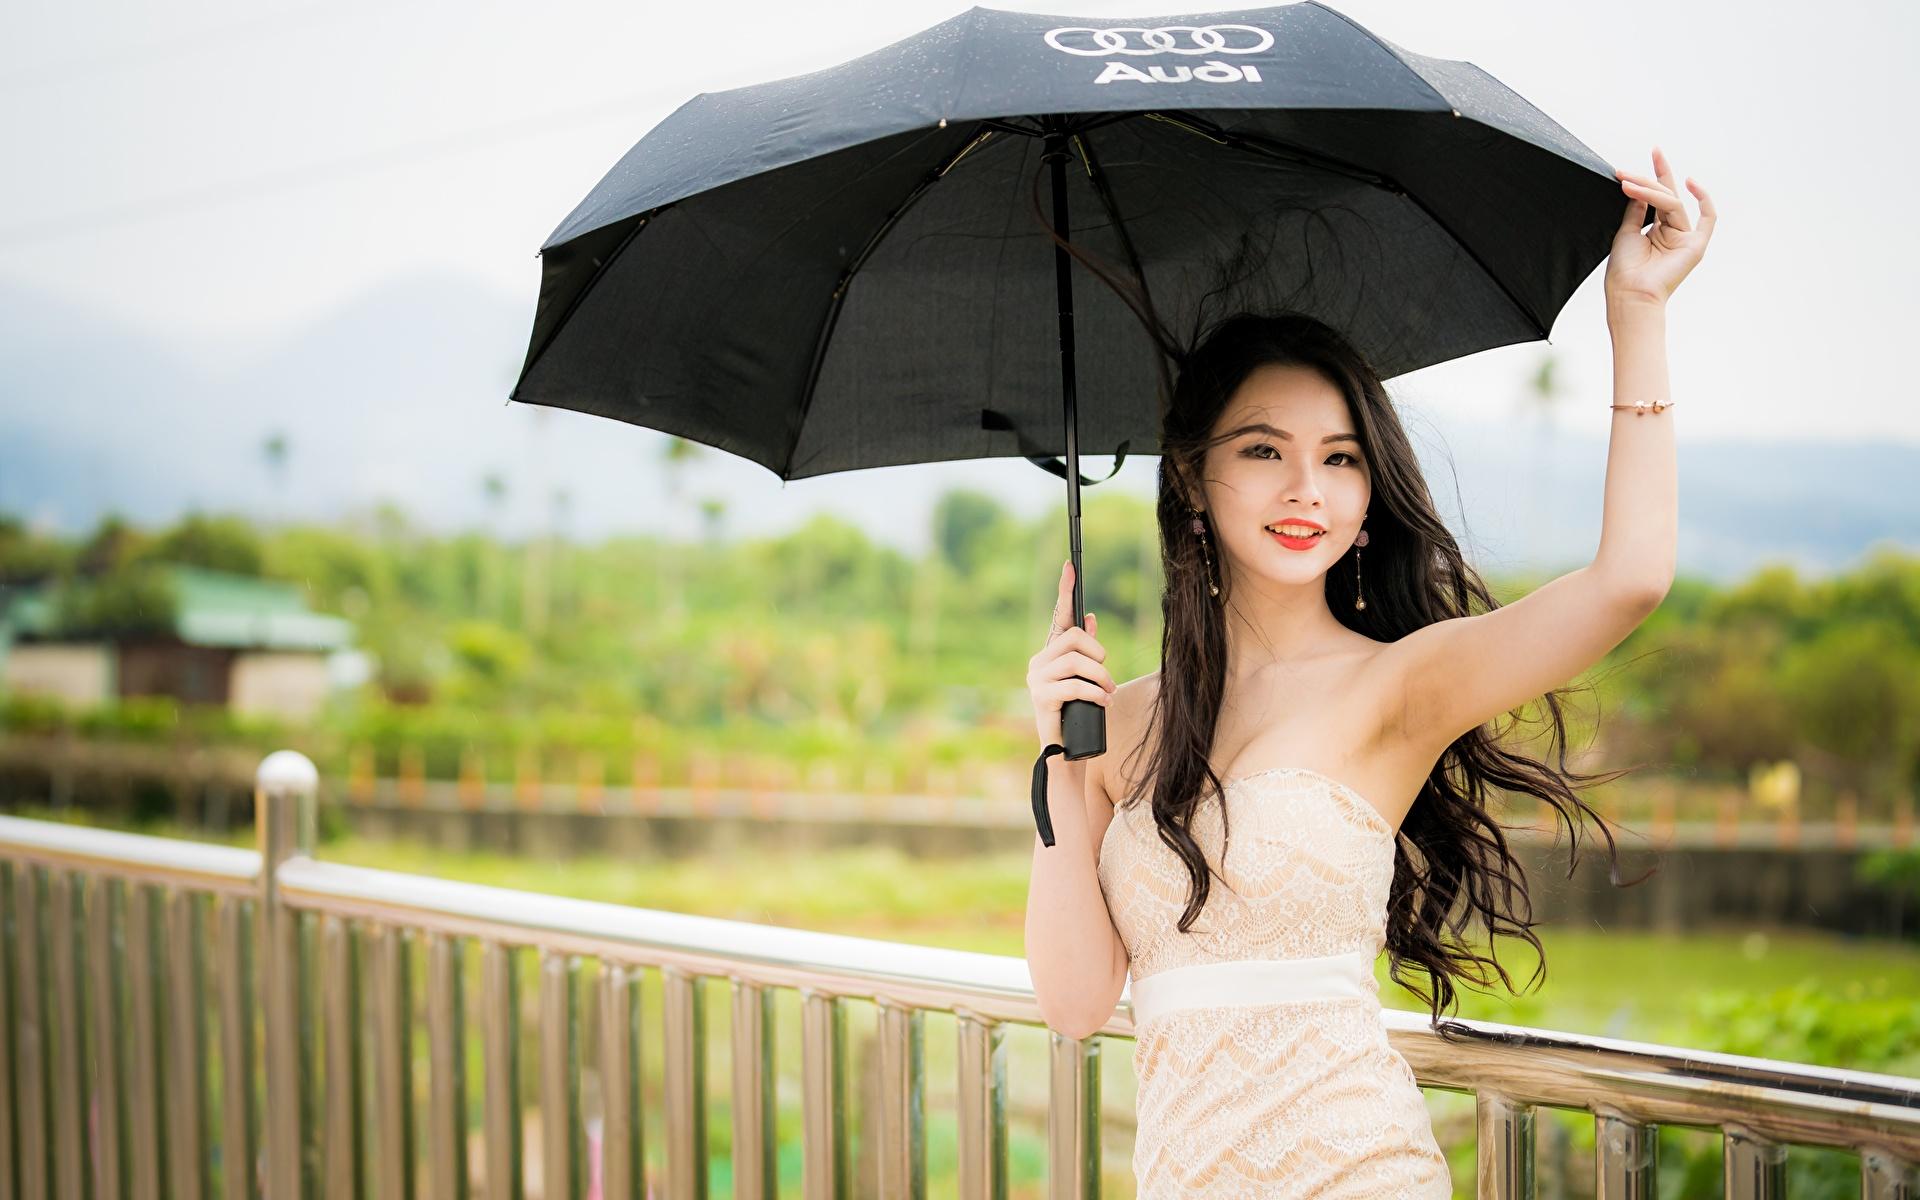 Bilder von Brünette Bokeh Mädchens Zaun asiatisches Hand Regenschirm Starren 1920x1200 unscharfer Hintergrund junge frau junge Frauen Asiaten Asiatische Blick